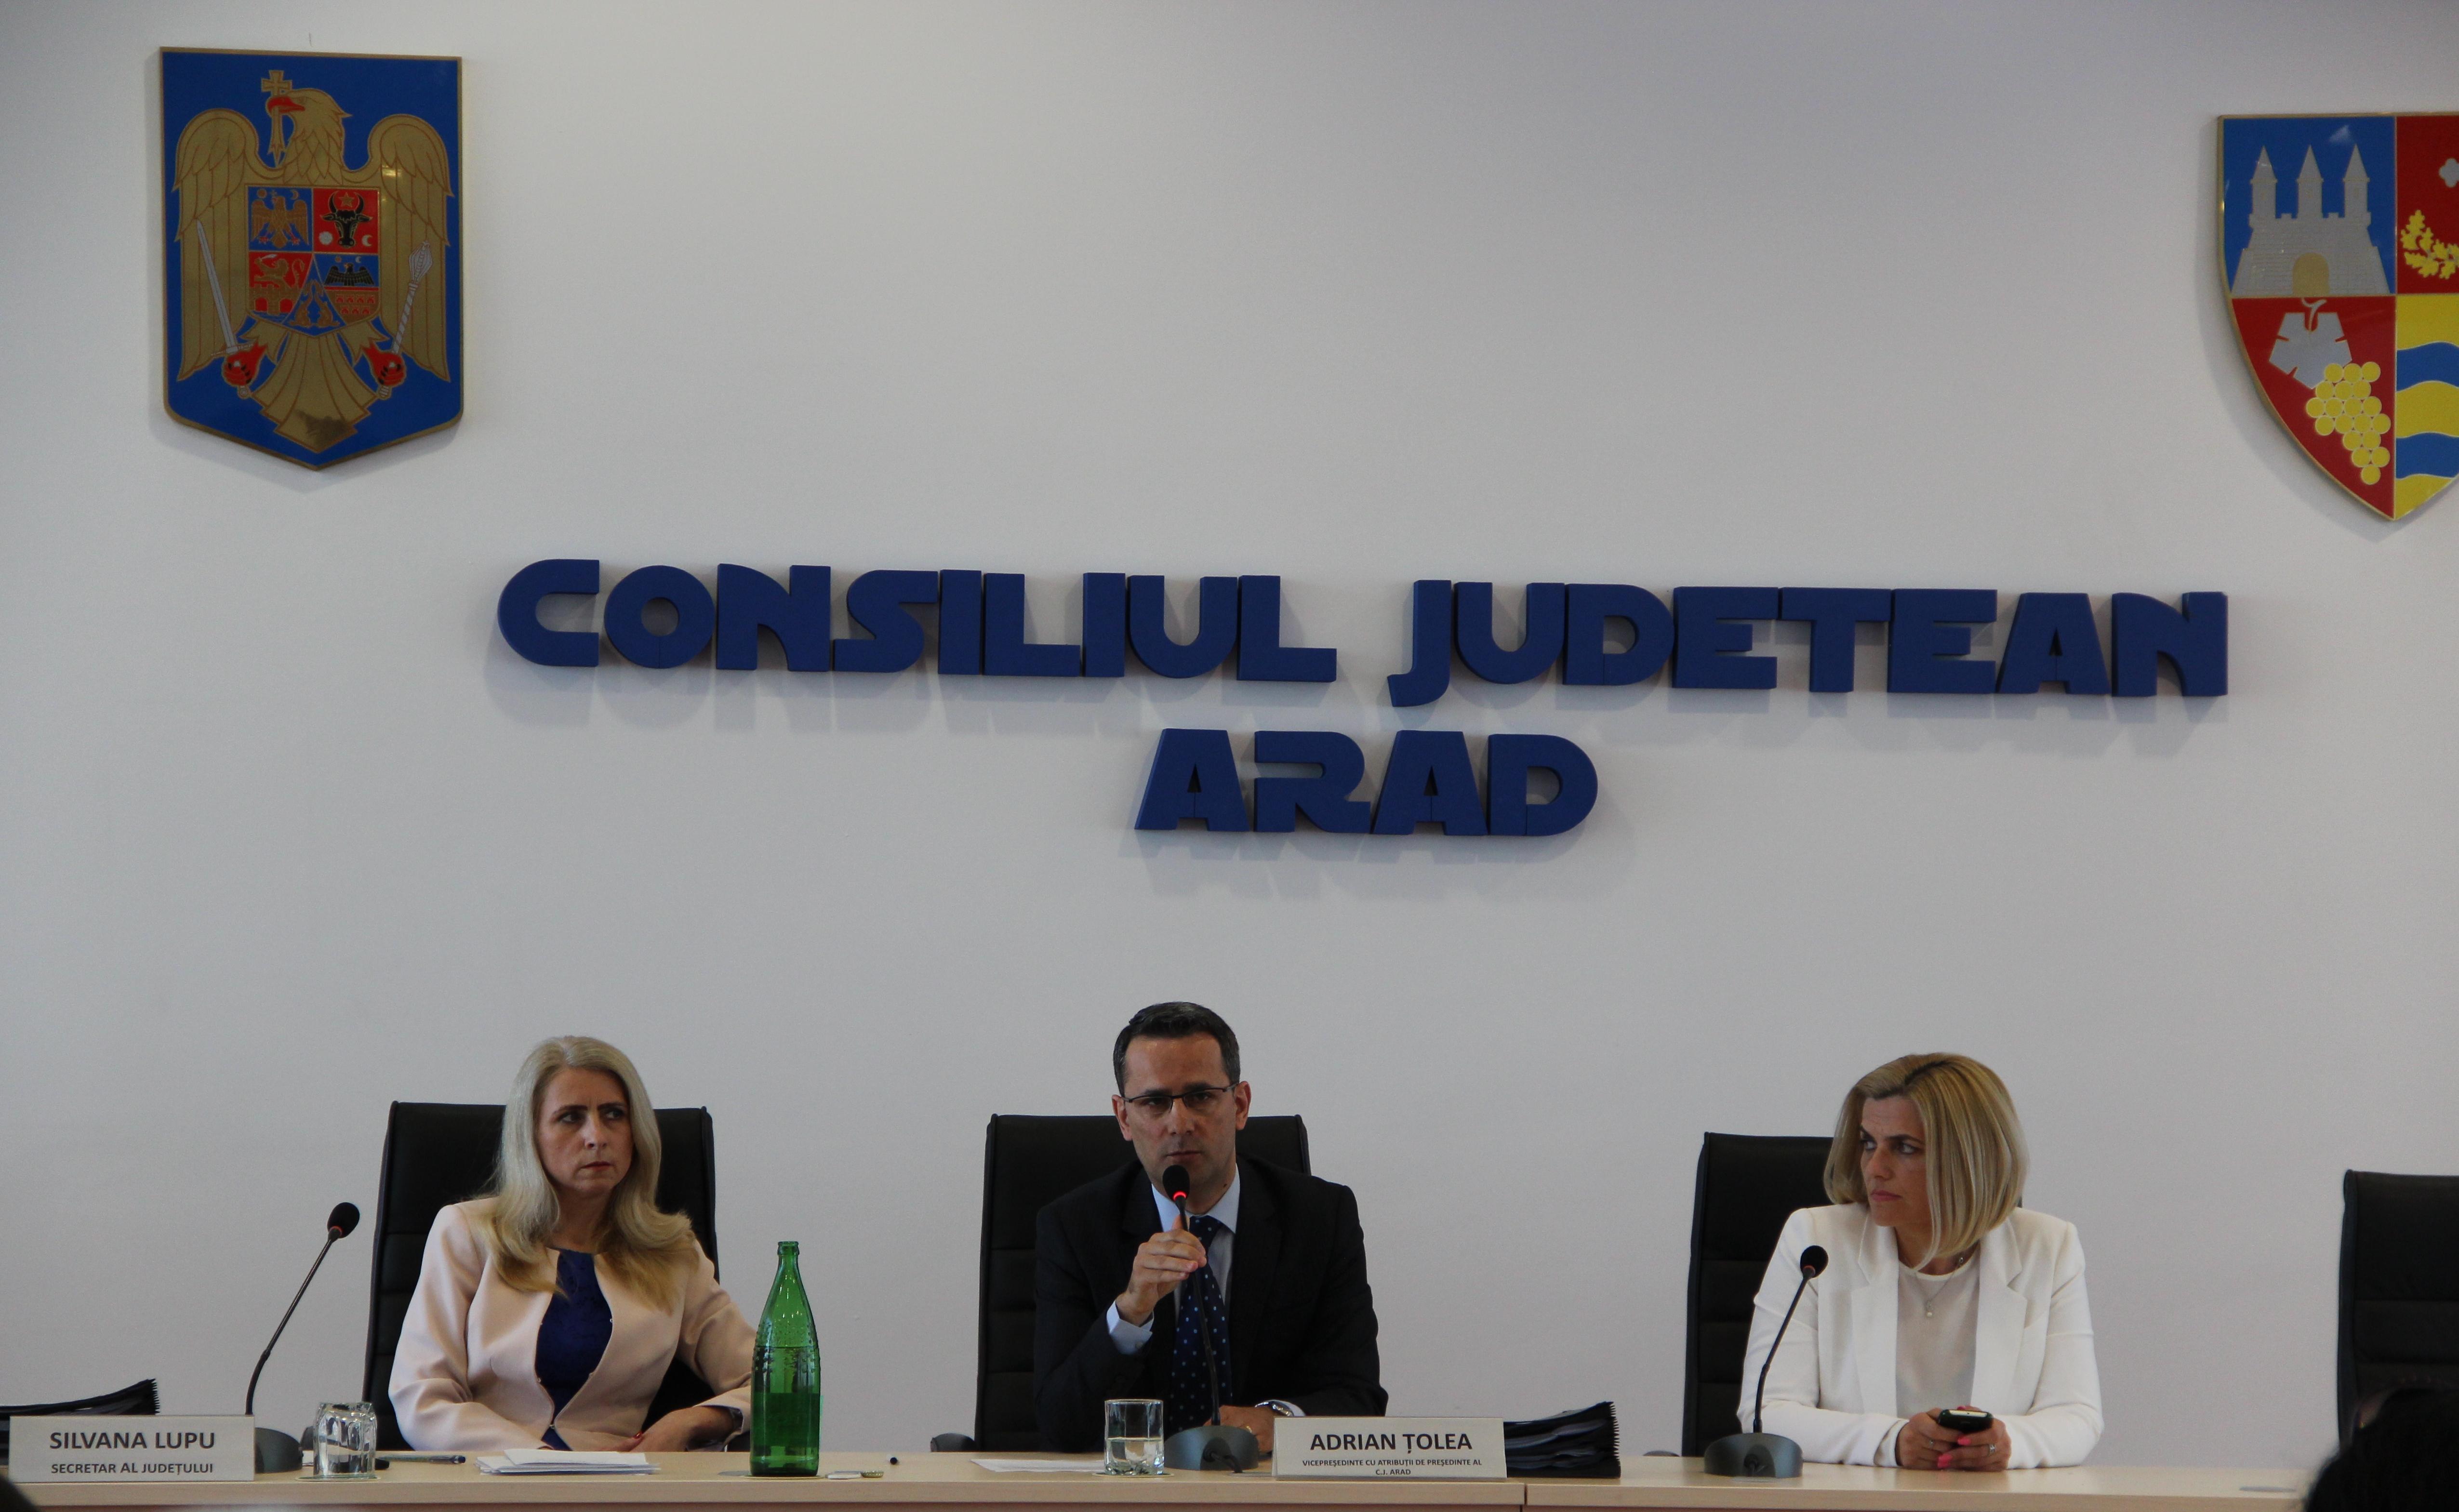 Simona Stan, noul vicepresedinte al Consiliului Judetean Arad